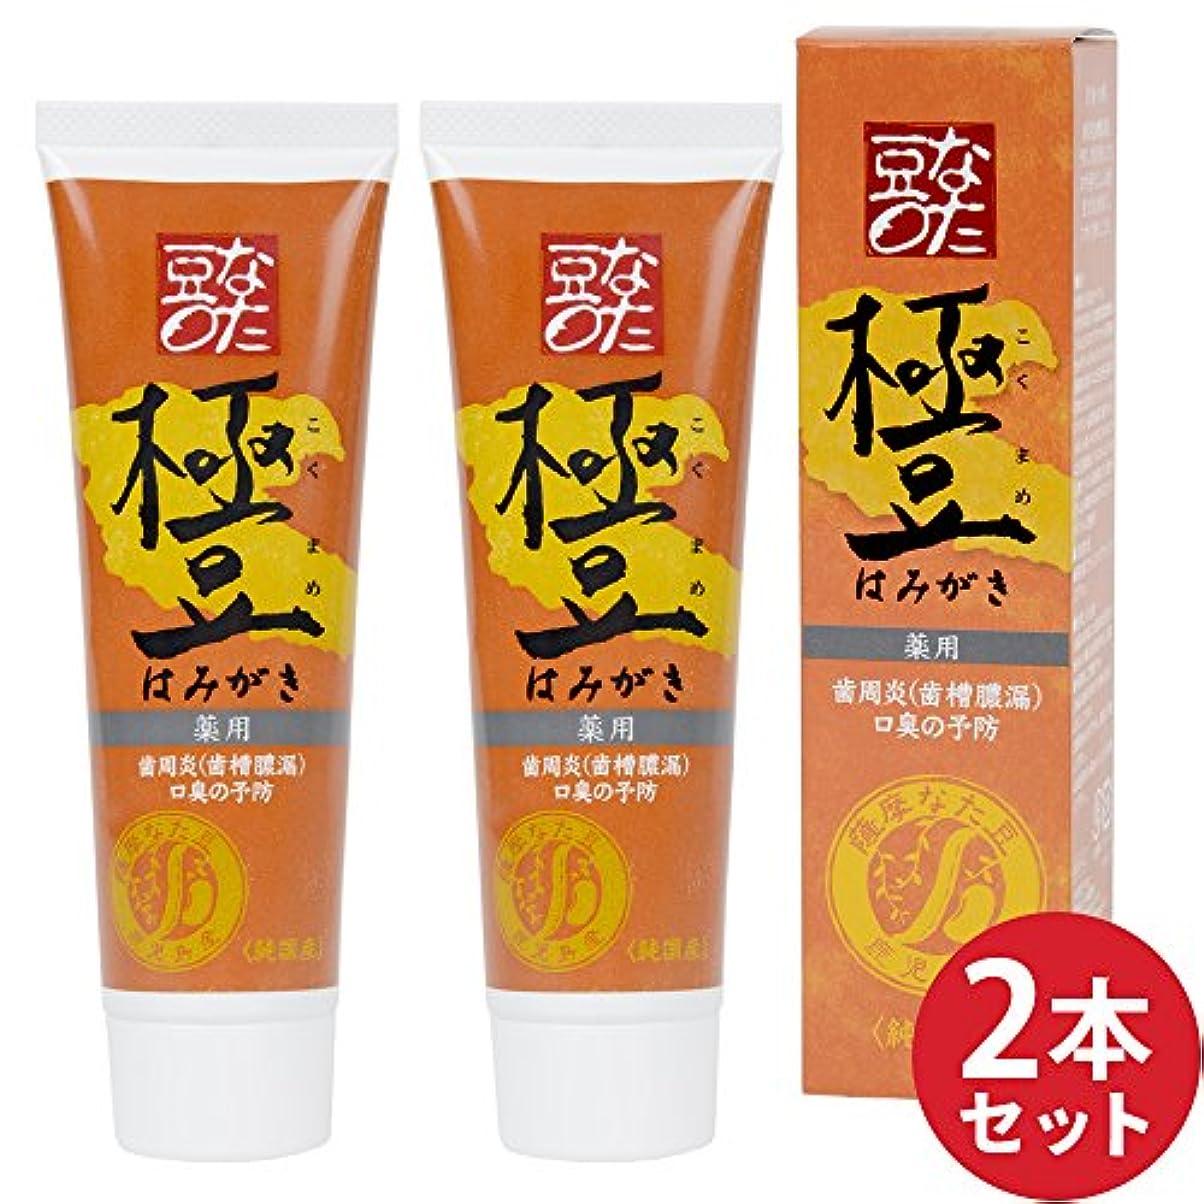 フェードアウト無一文フリース2本セット【薬用】薩摩なた豆歯磨き(内容量:110g×2)